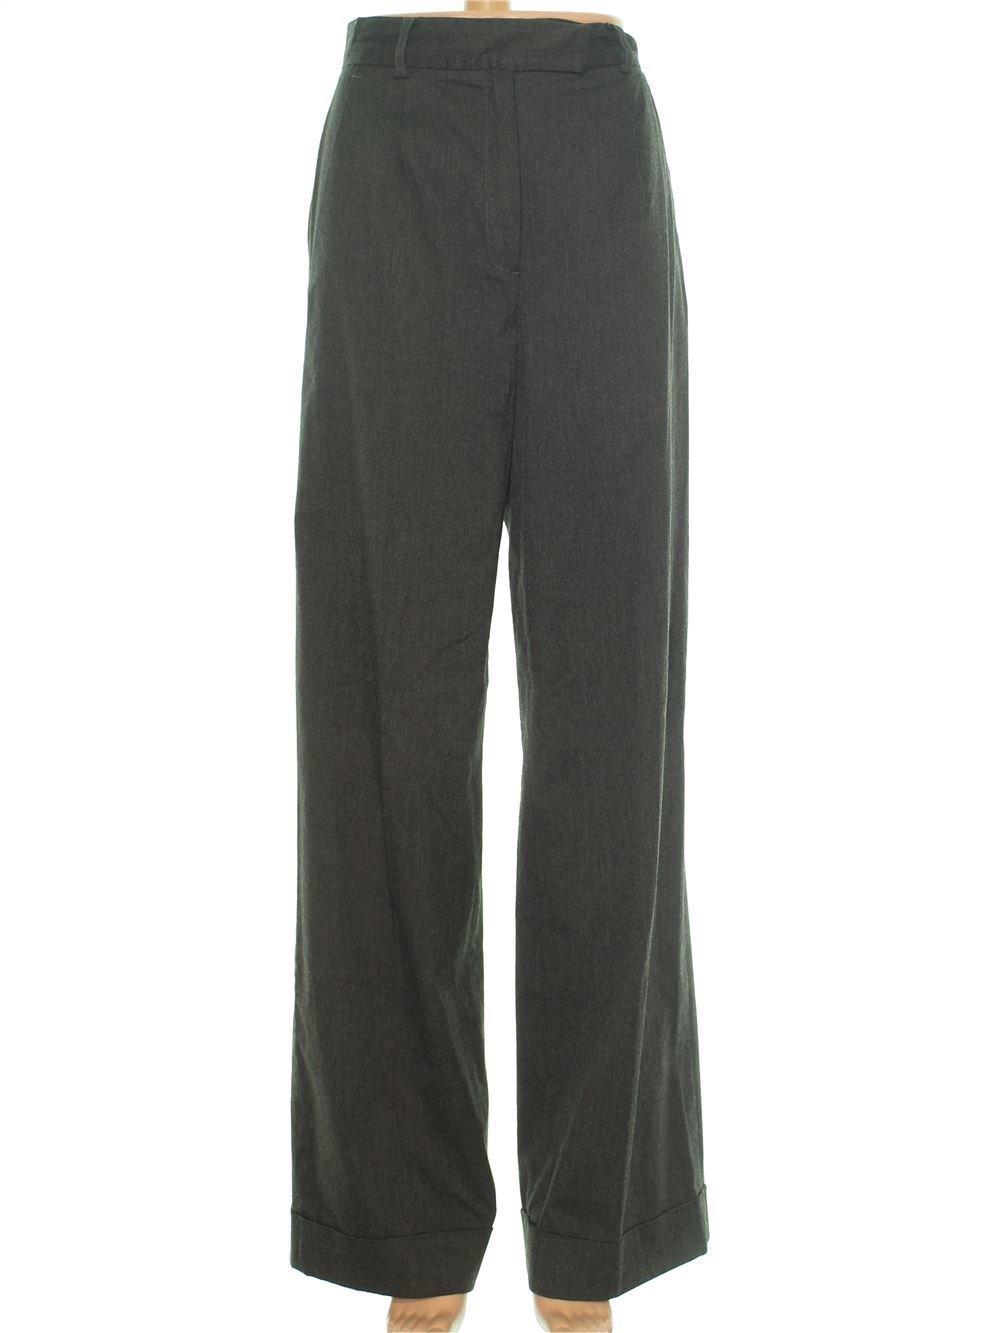 pantalon femme kookai